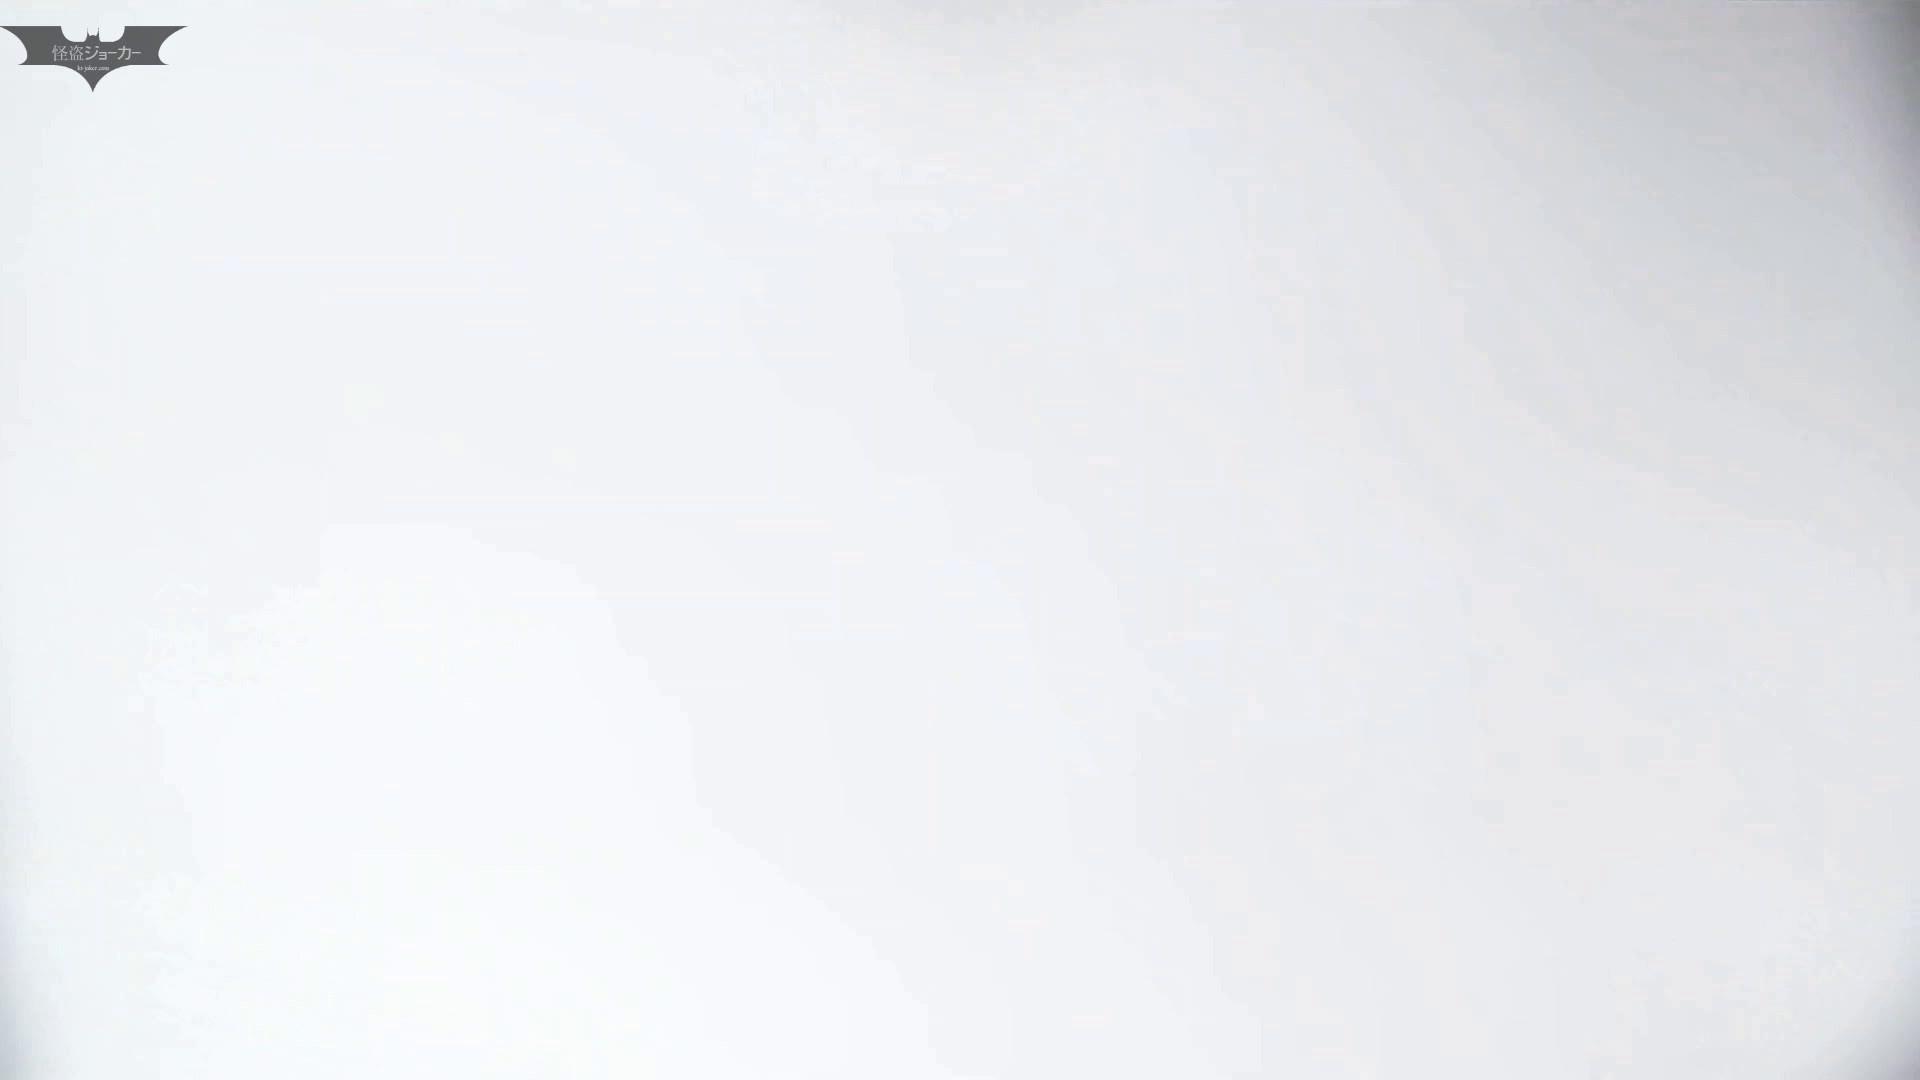 お銀さん vol.59 ピンチ!!「鏡の前で祈る女性」にばれる危機 お姉さん攻略 | 美人編  56画像 22